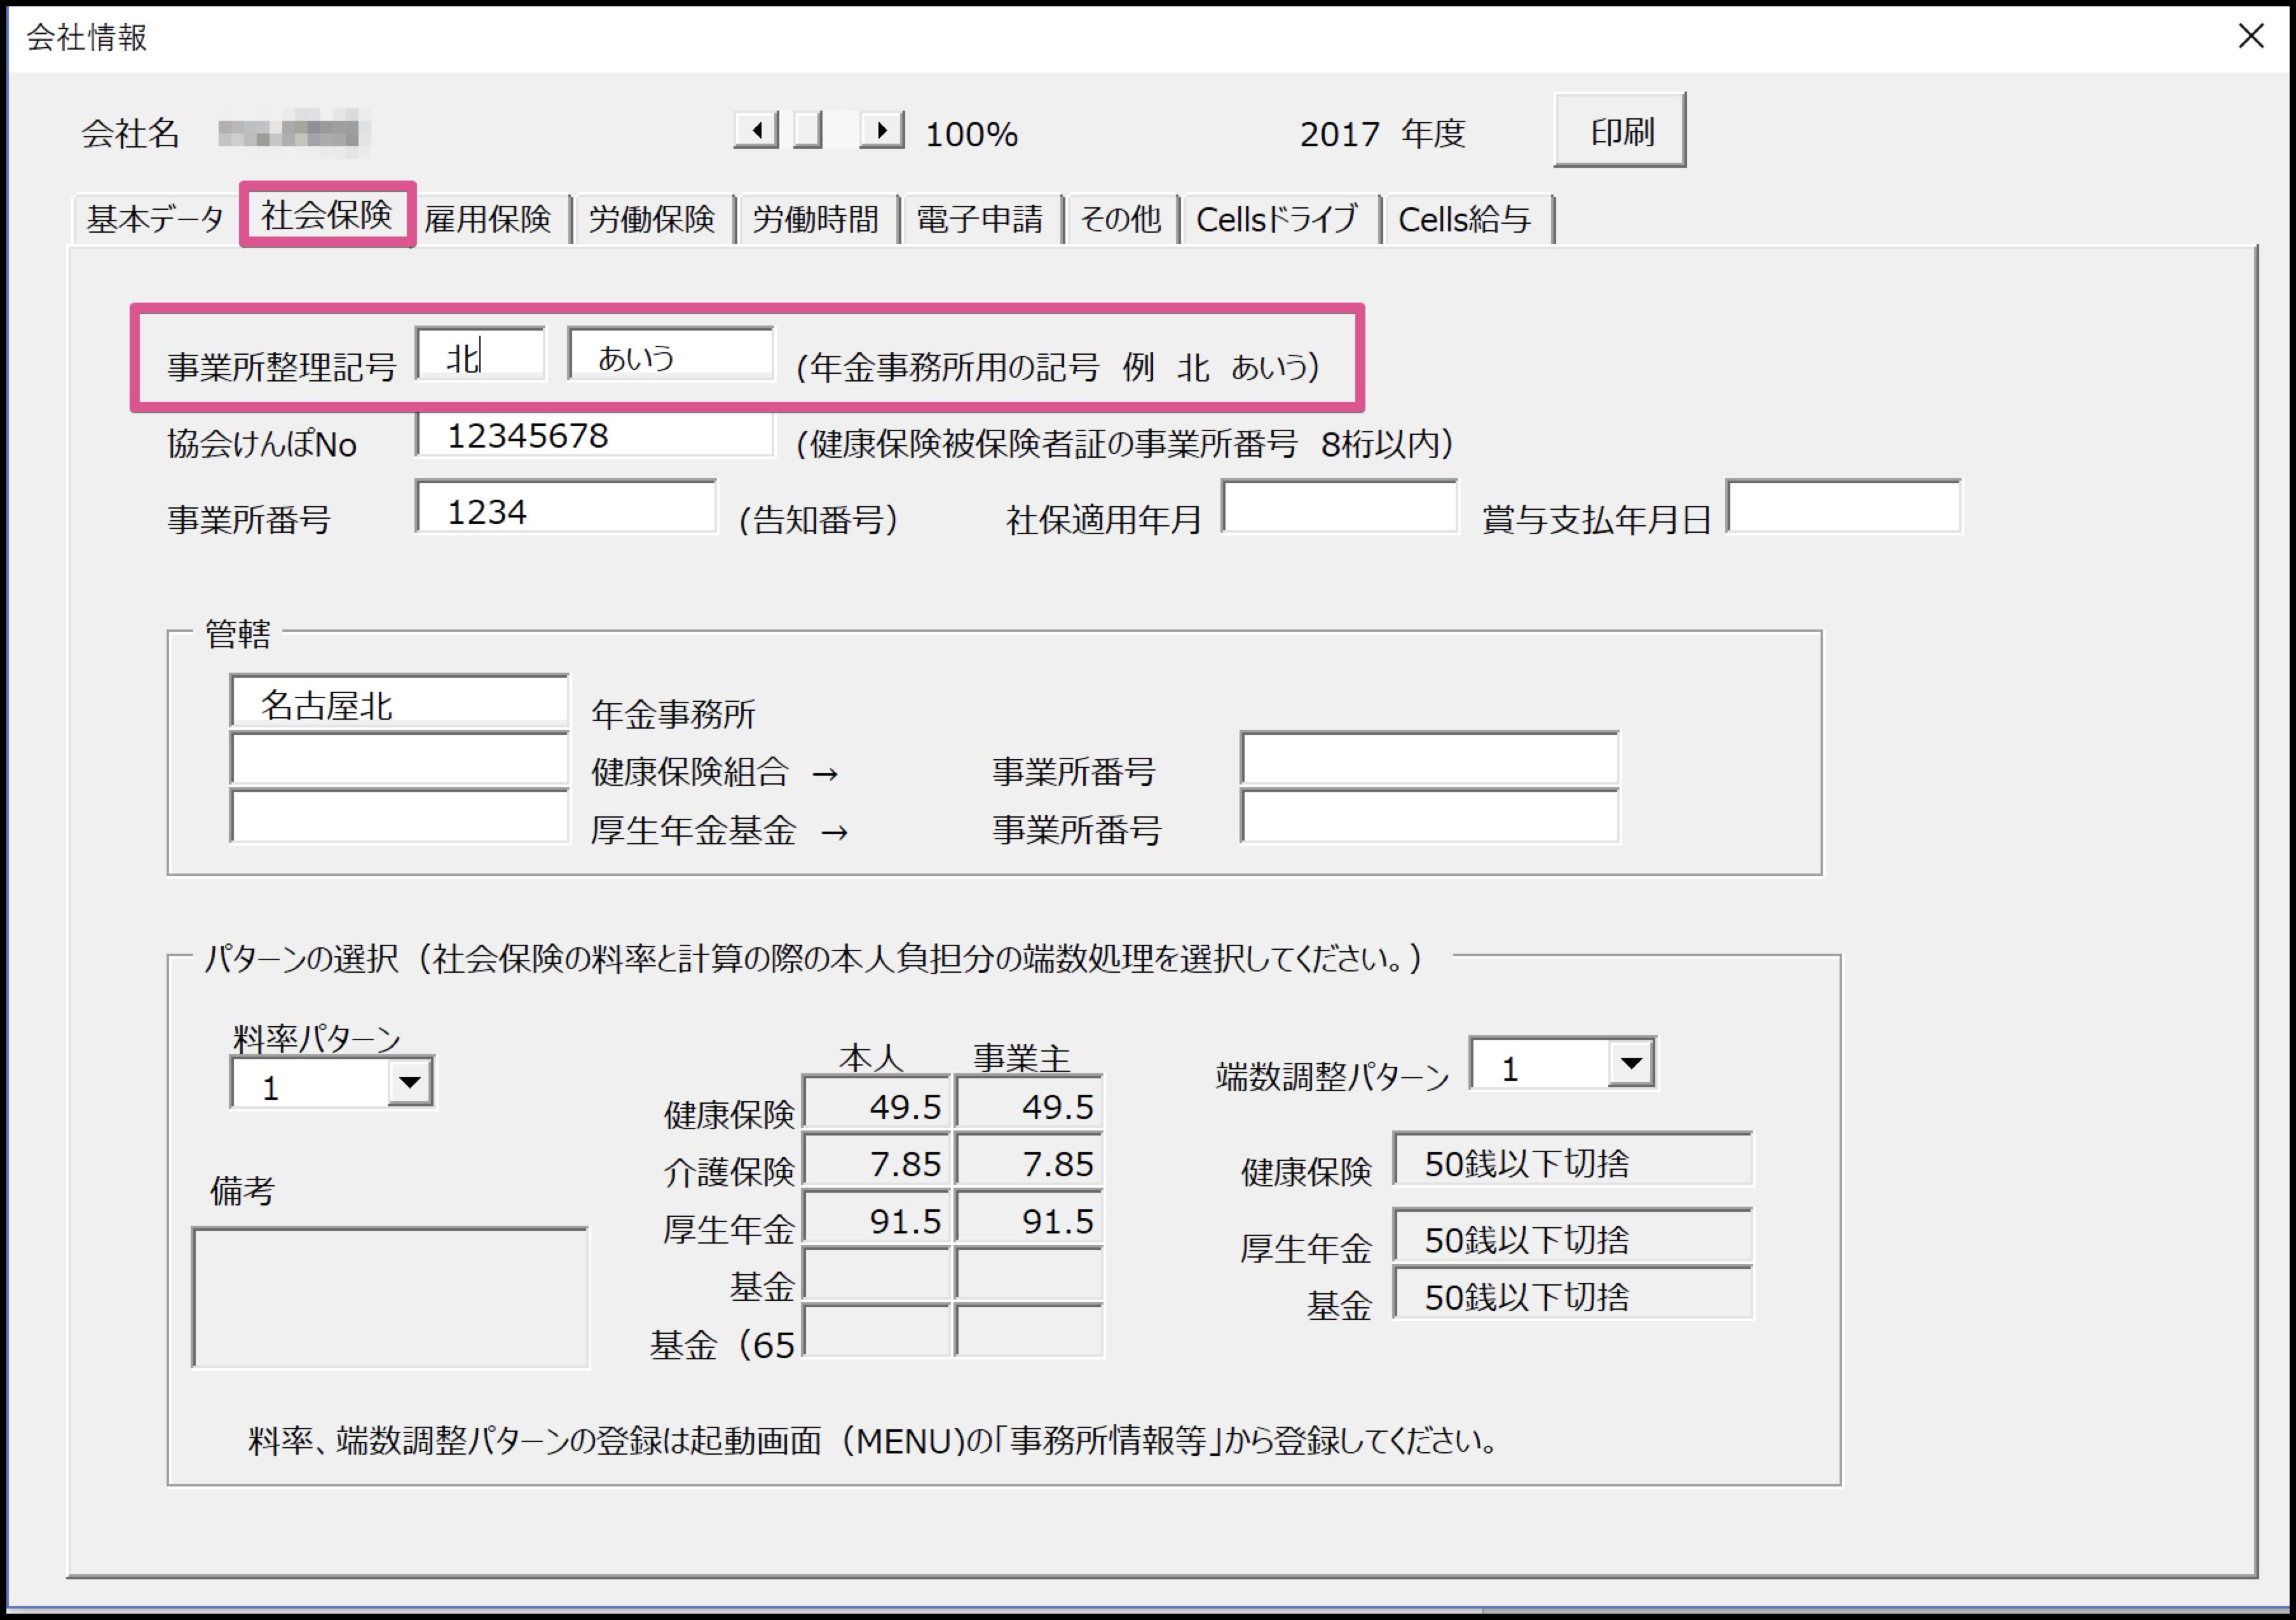 日本年金機構 電子媒体